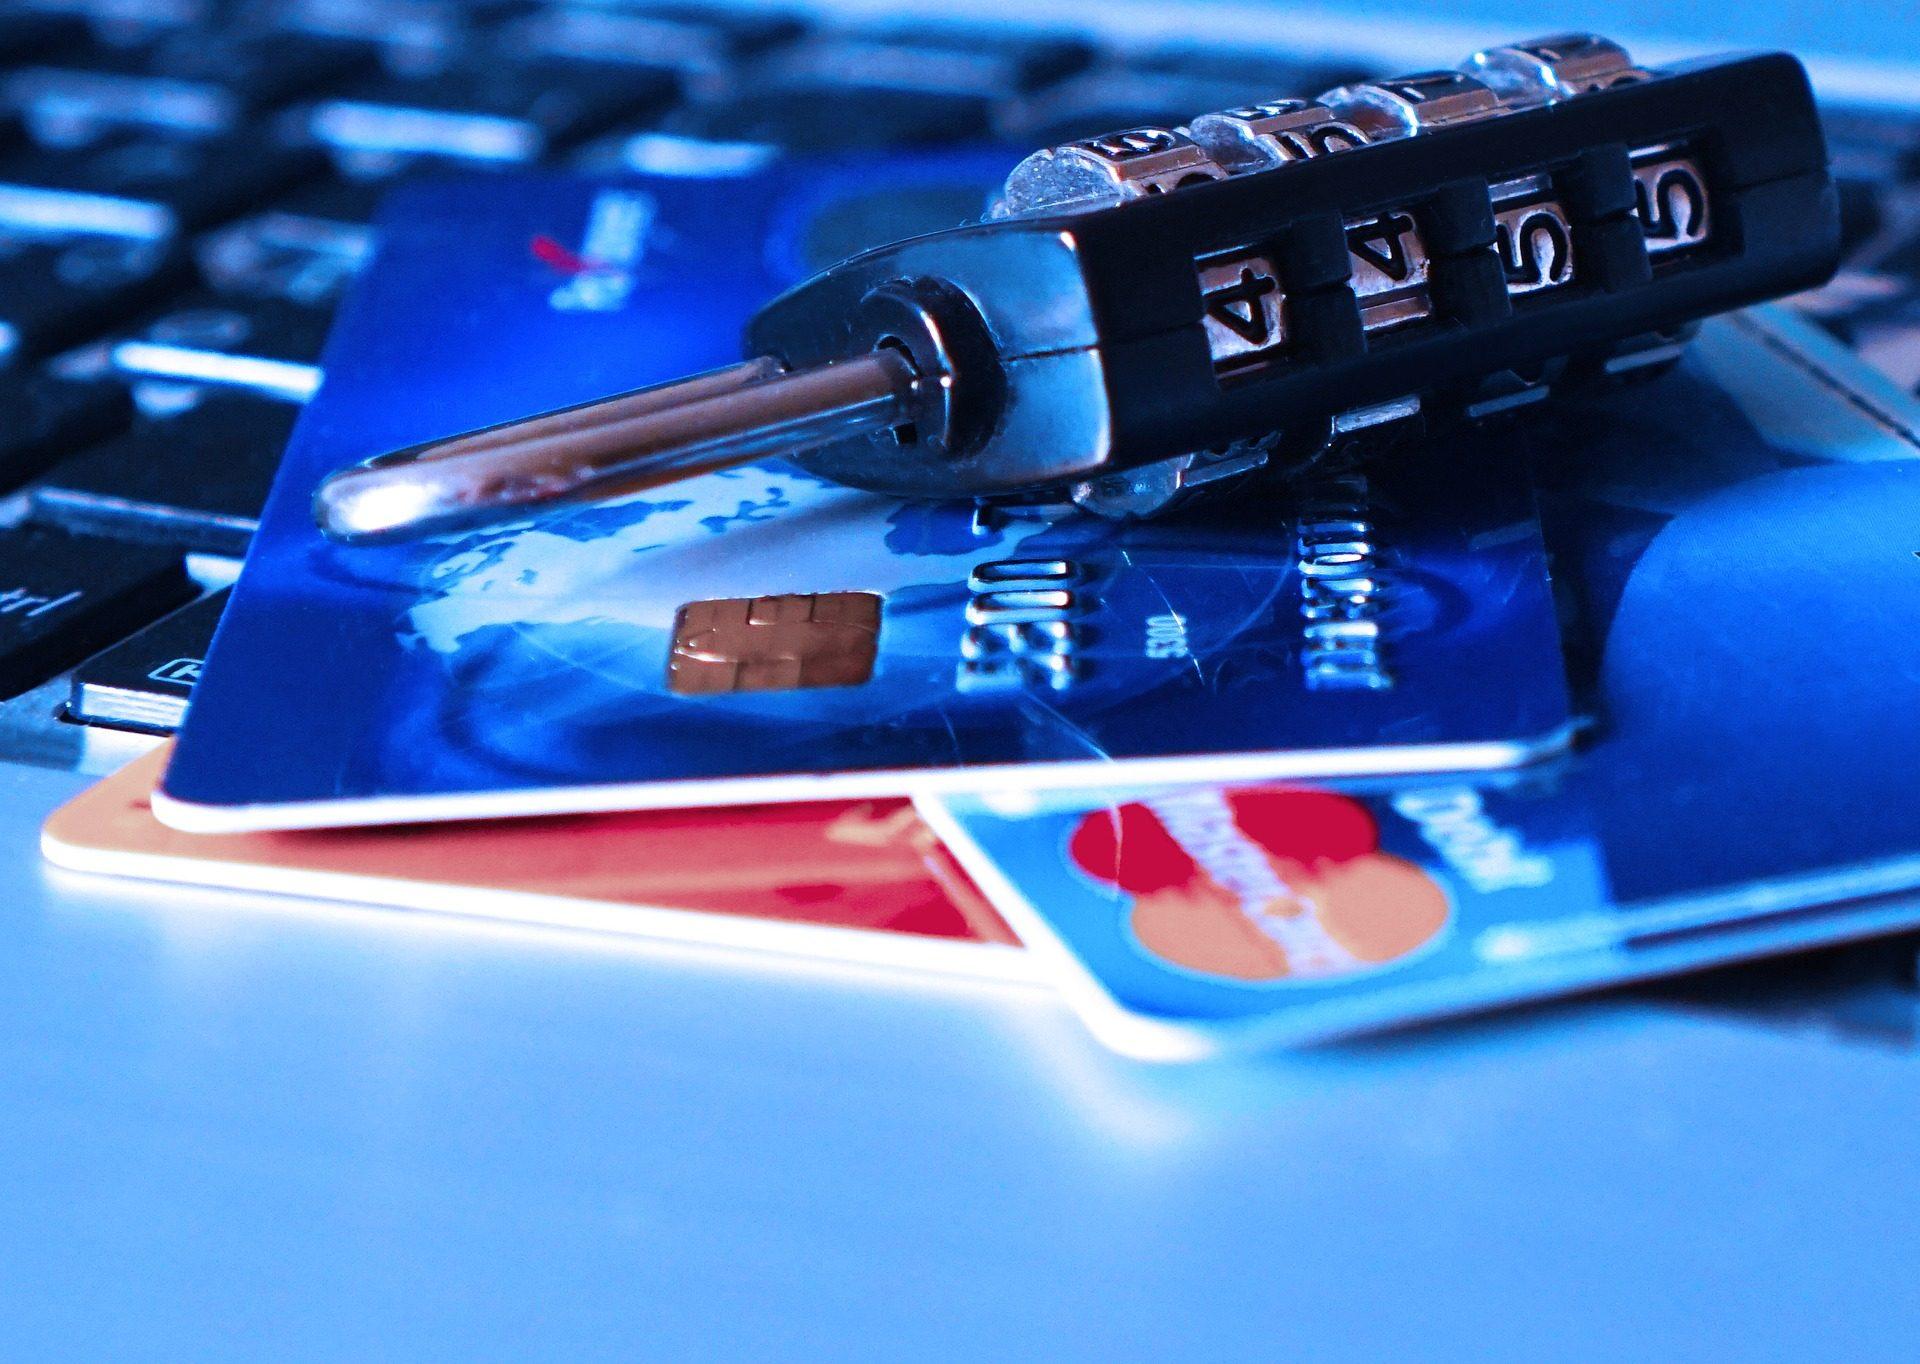 λουκέτο, κλειδί, αριθμοί, κάρτες, χρήματα, εμπόριο, ηλεκτρονικά - Wallpapers HD - Professor-falken.com